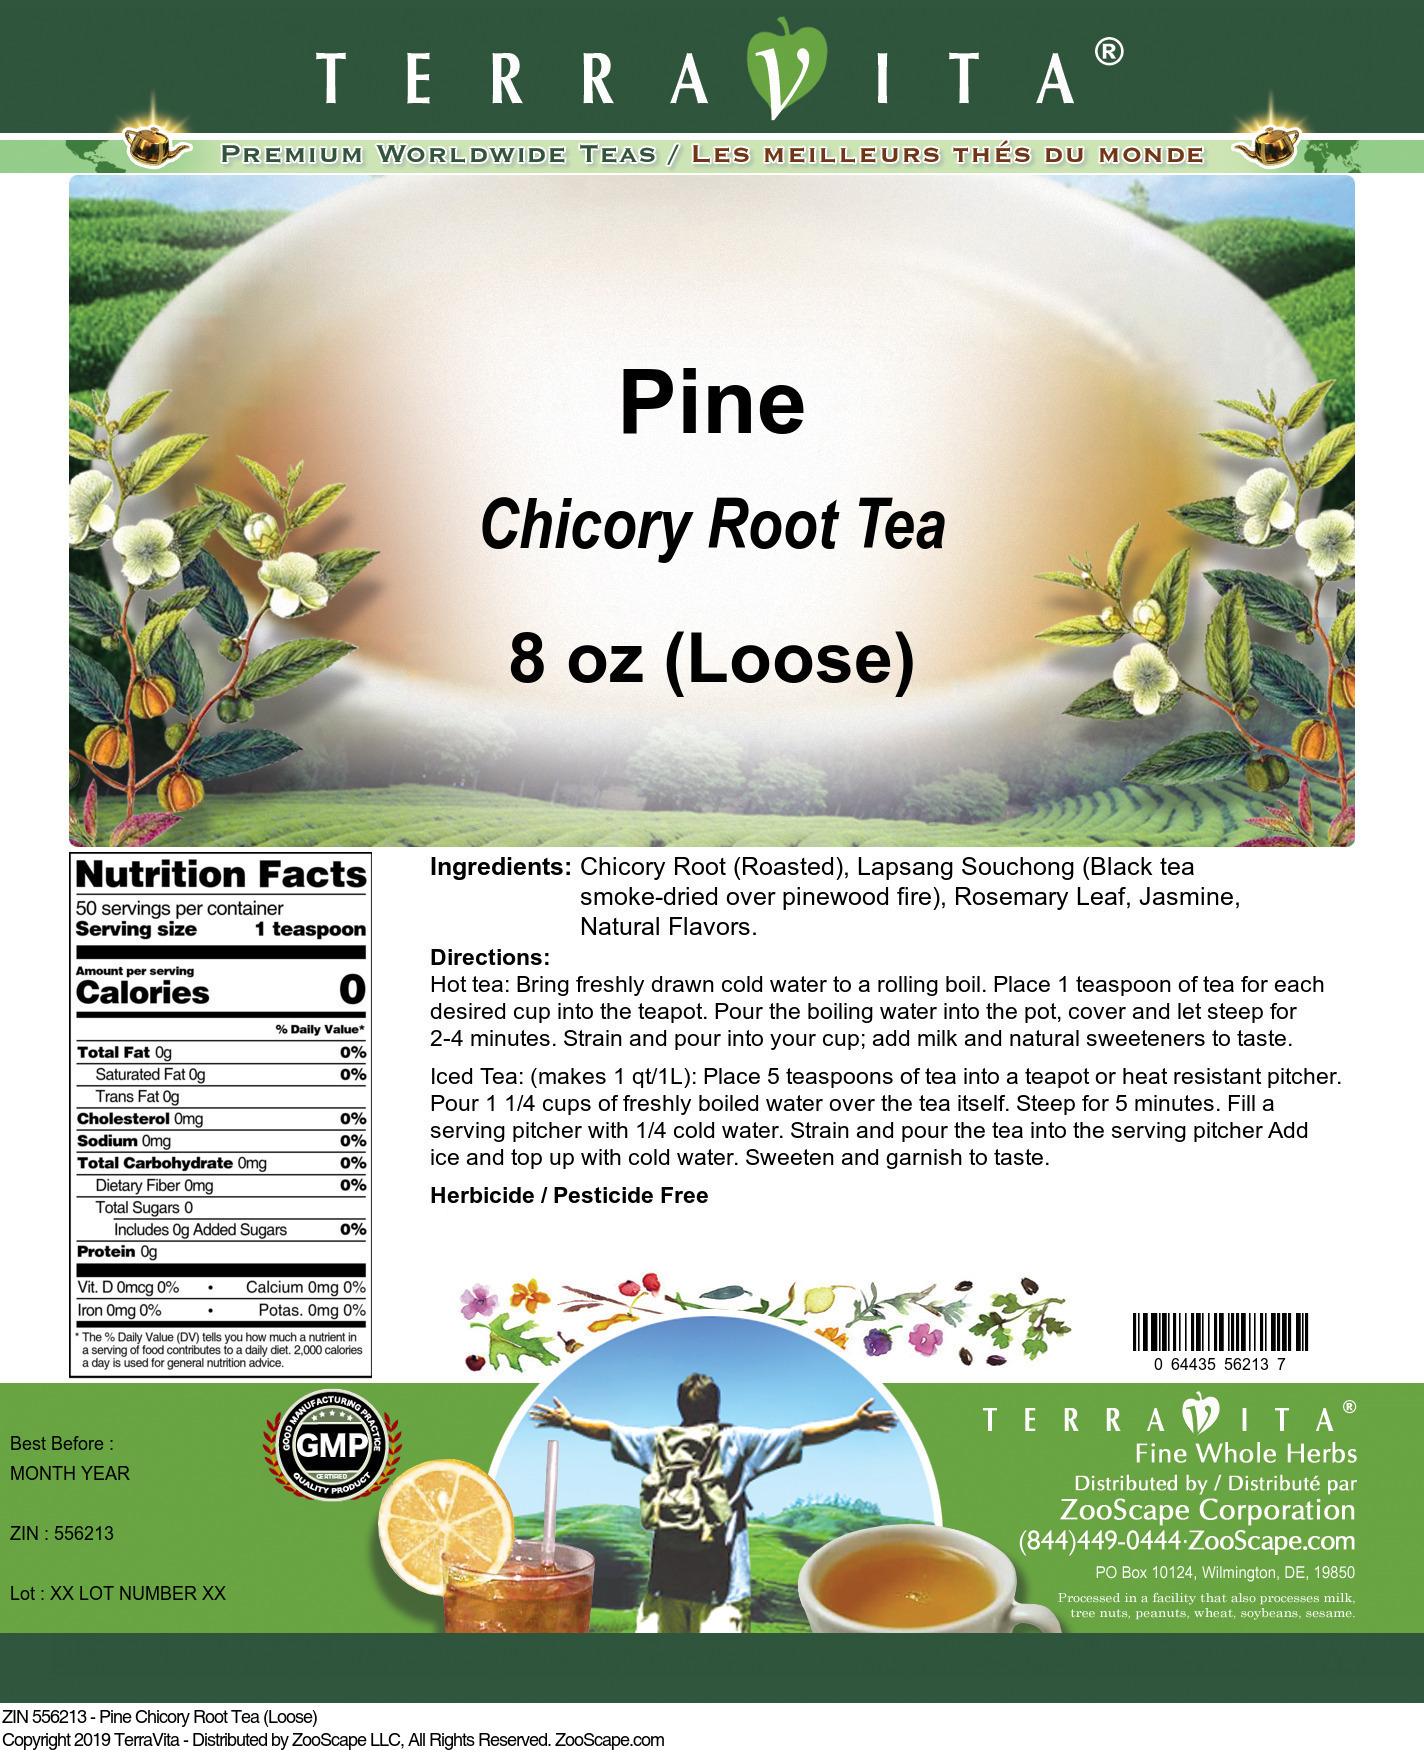 Pine Chicory Root